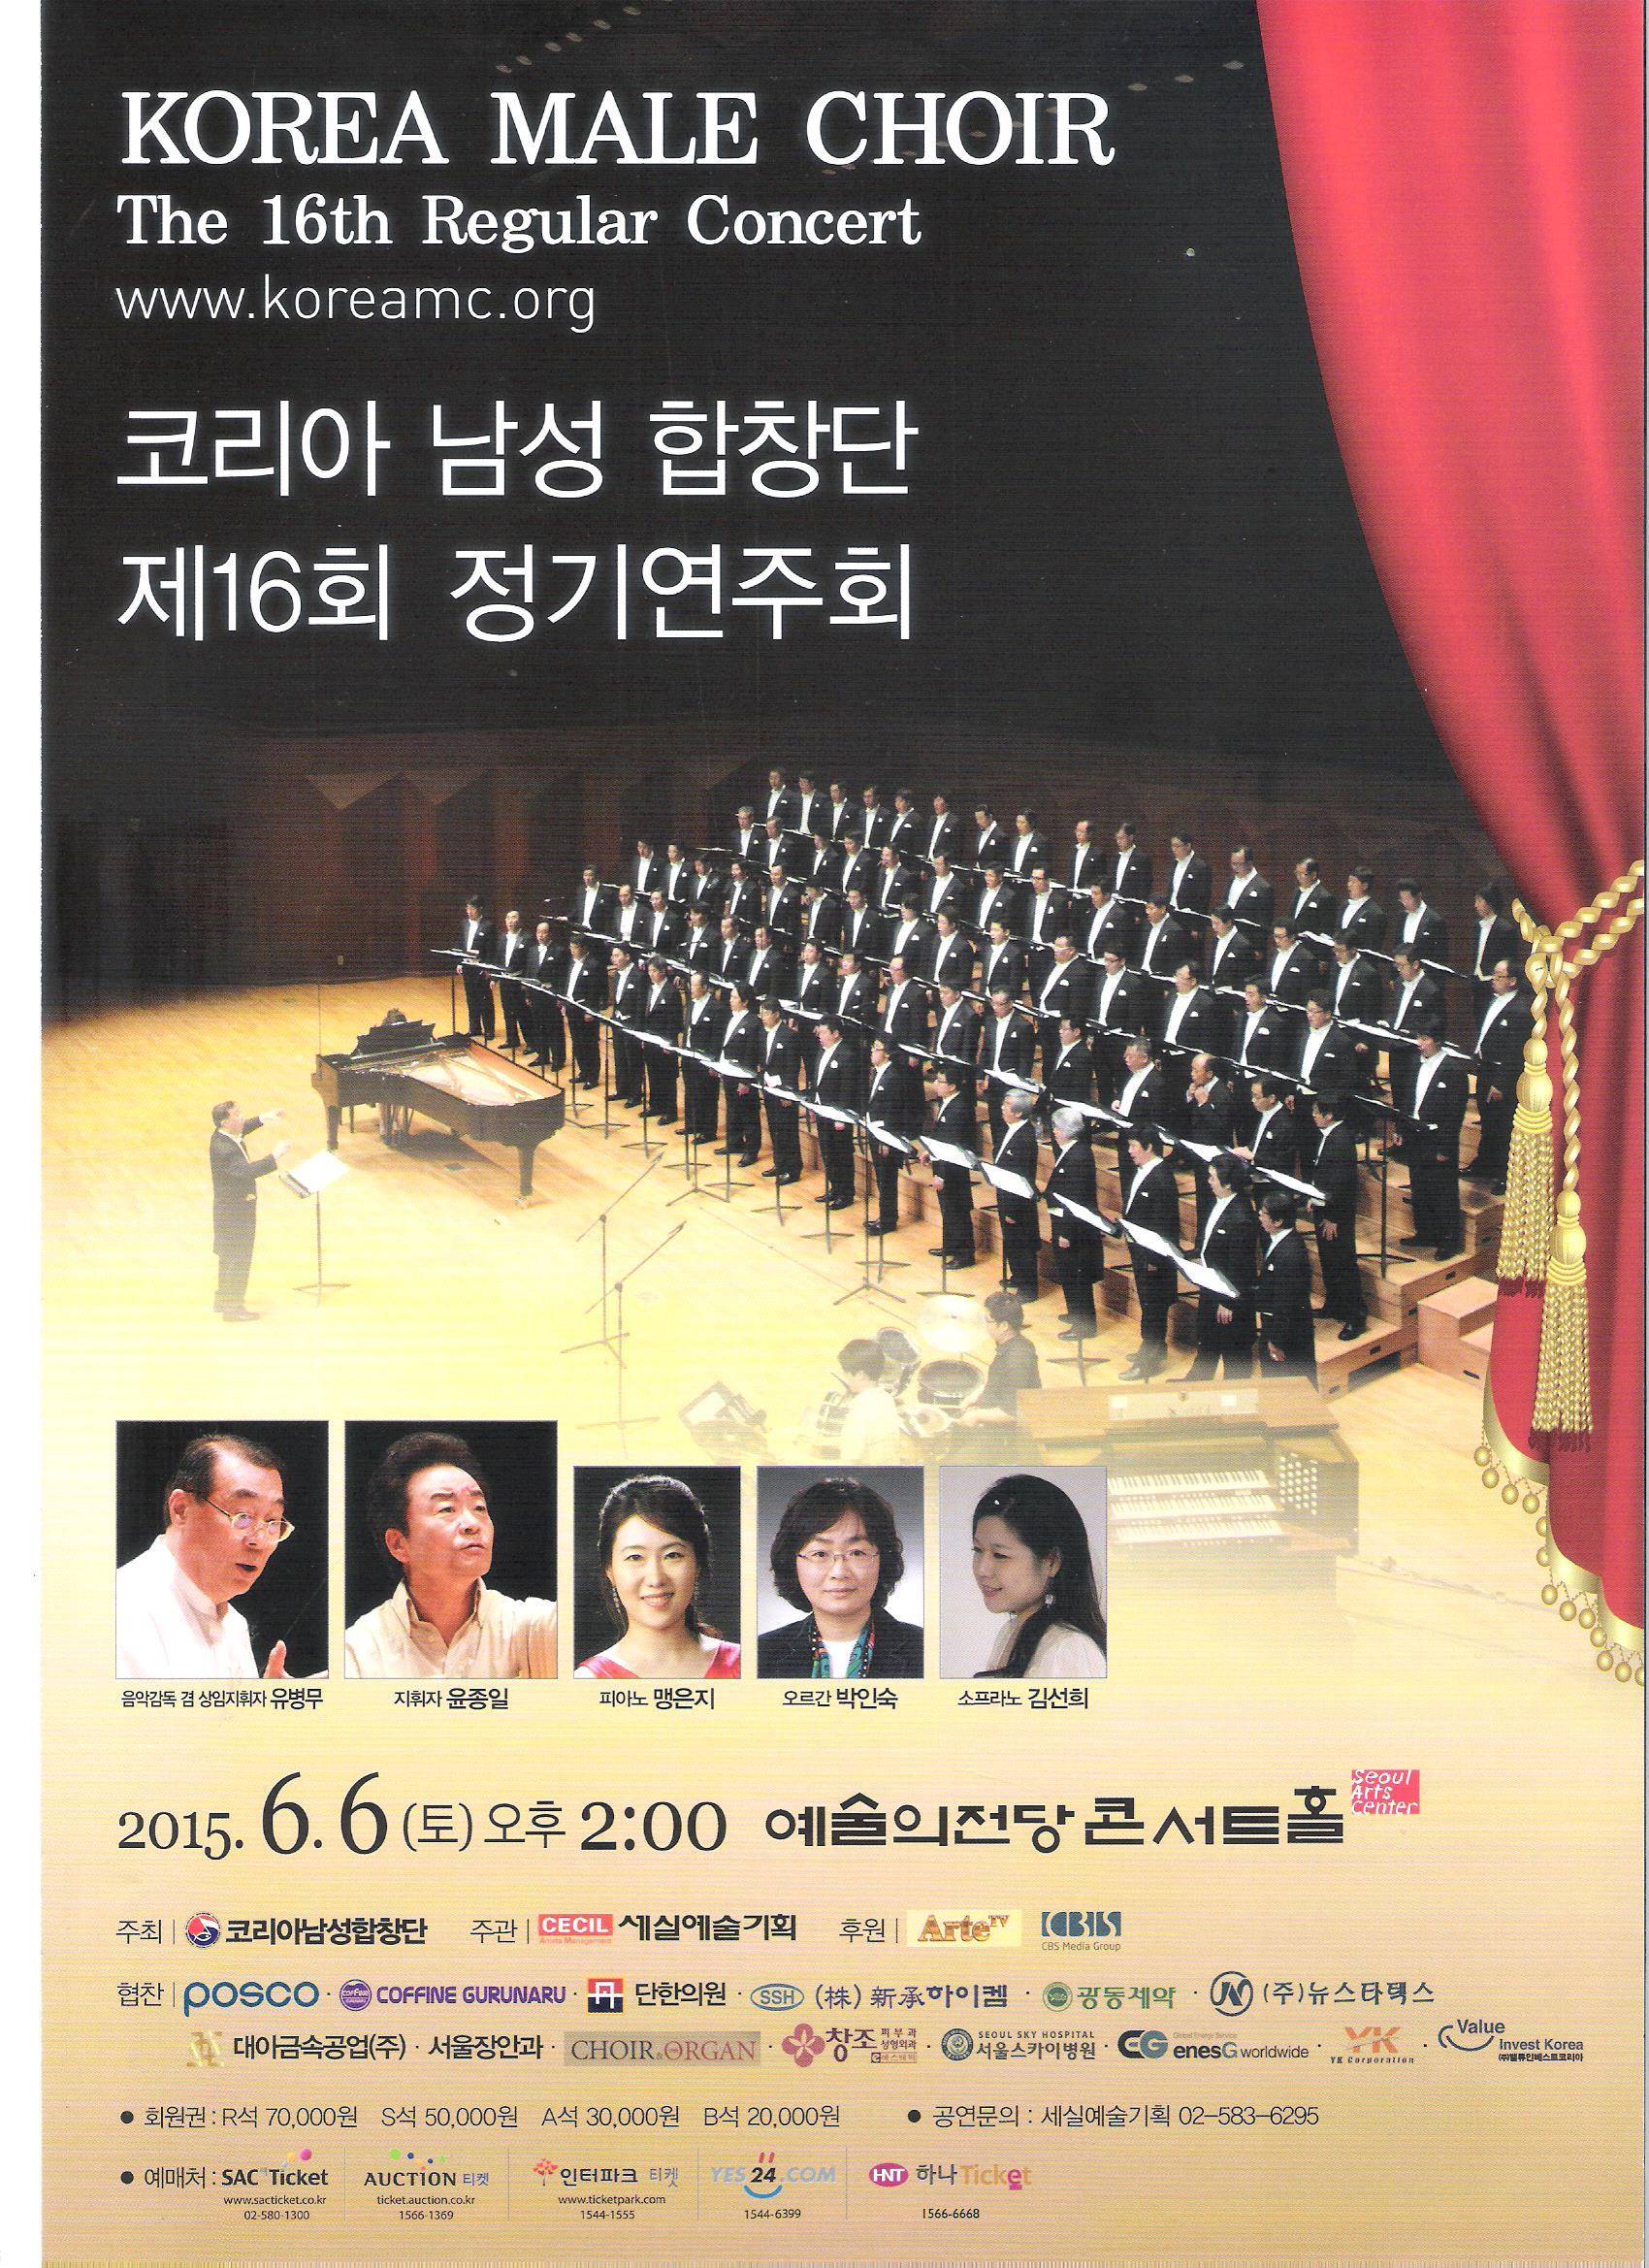 * 코리아남성합창단 제16회 정기연주회 / 2015.6.6(토..